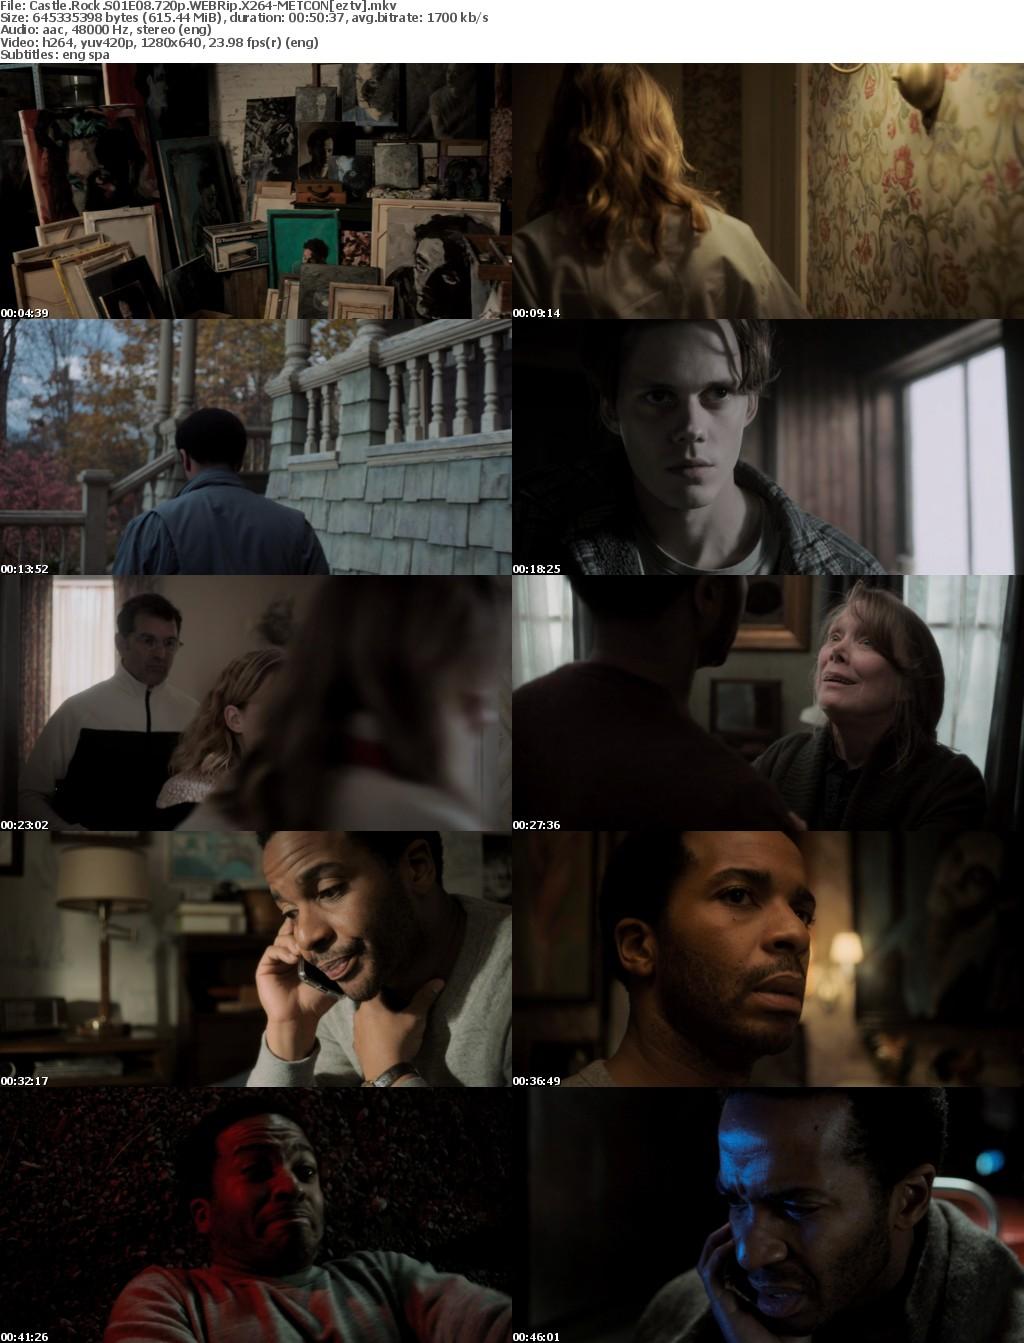 Castle Rock S01E08 720p WEBRip X264-METCON